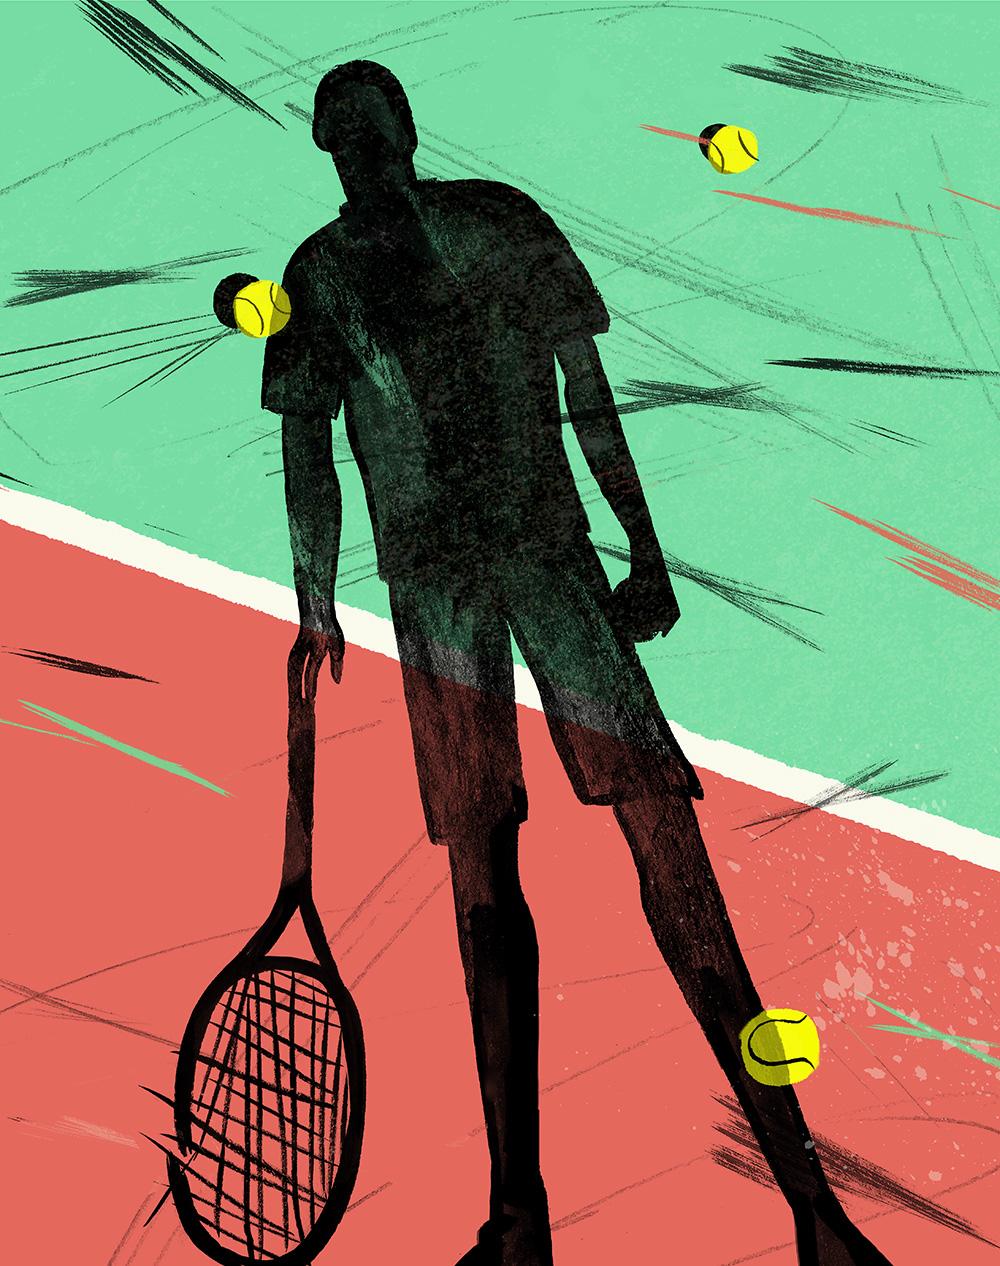 racquet_weartear_shadow_f_1000.jpg